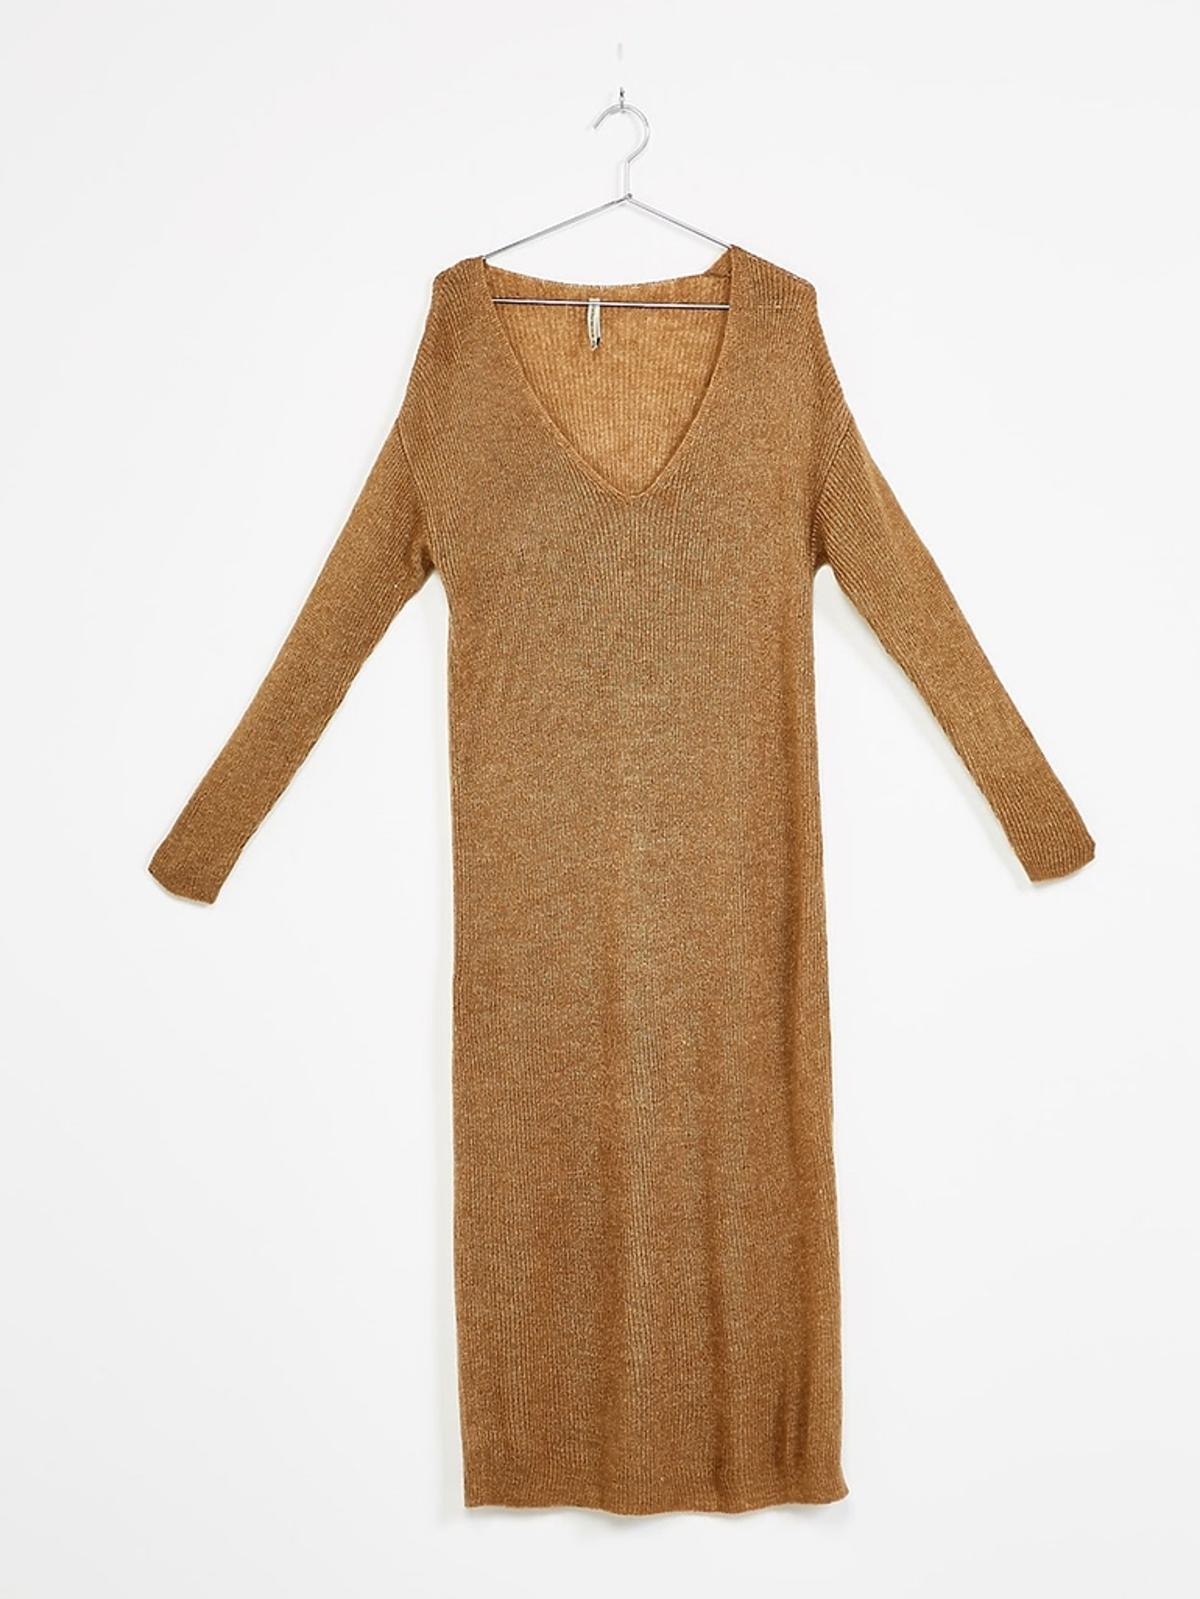 Długa sukienka z dzianiny, Bershka, 99,90 zł